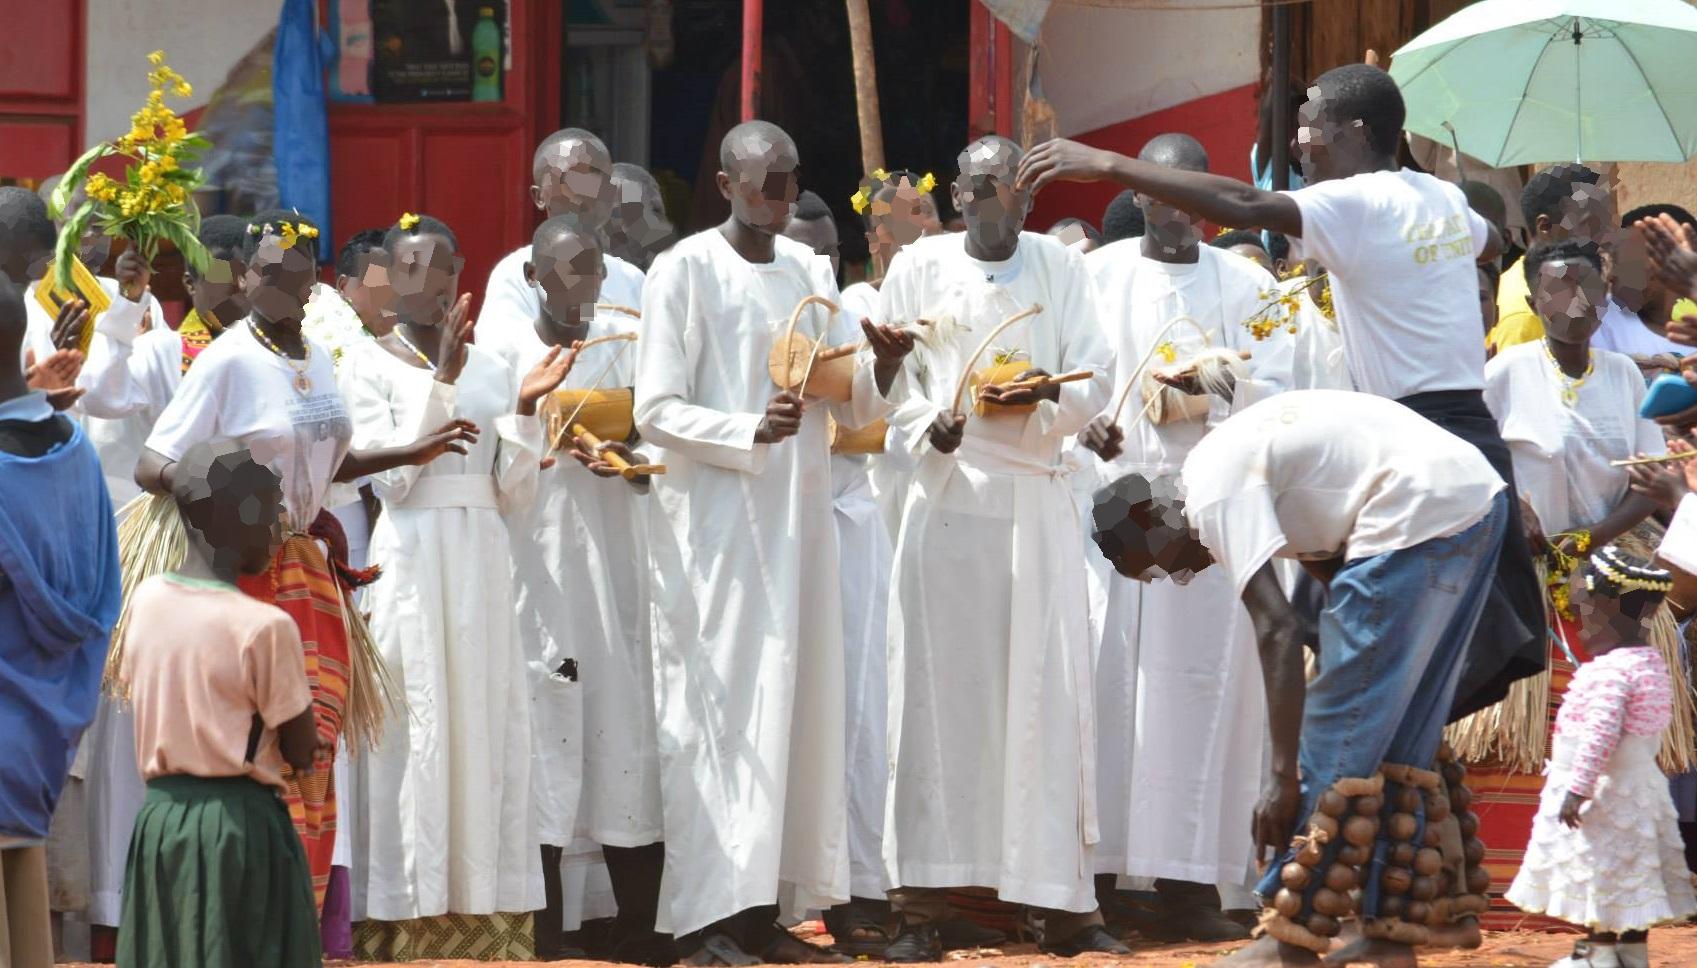 מסורת בכפרים נוצריים